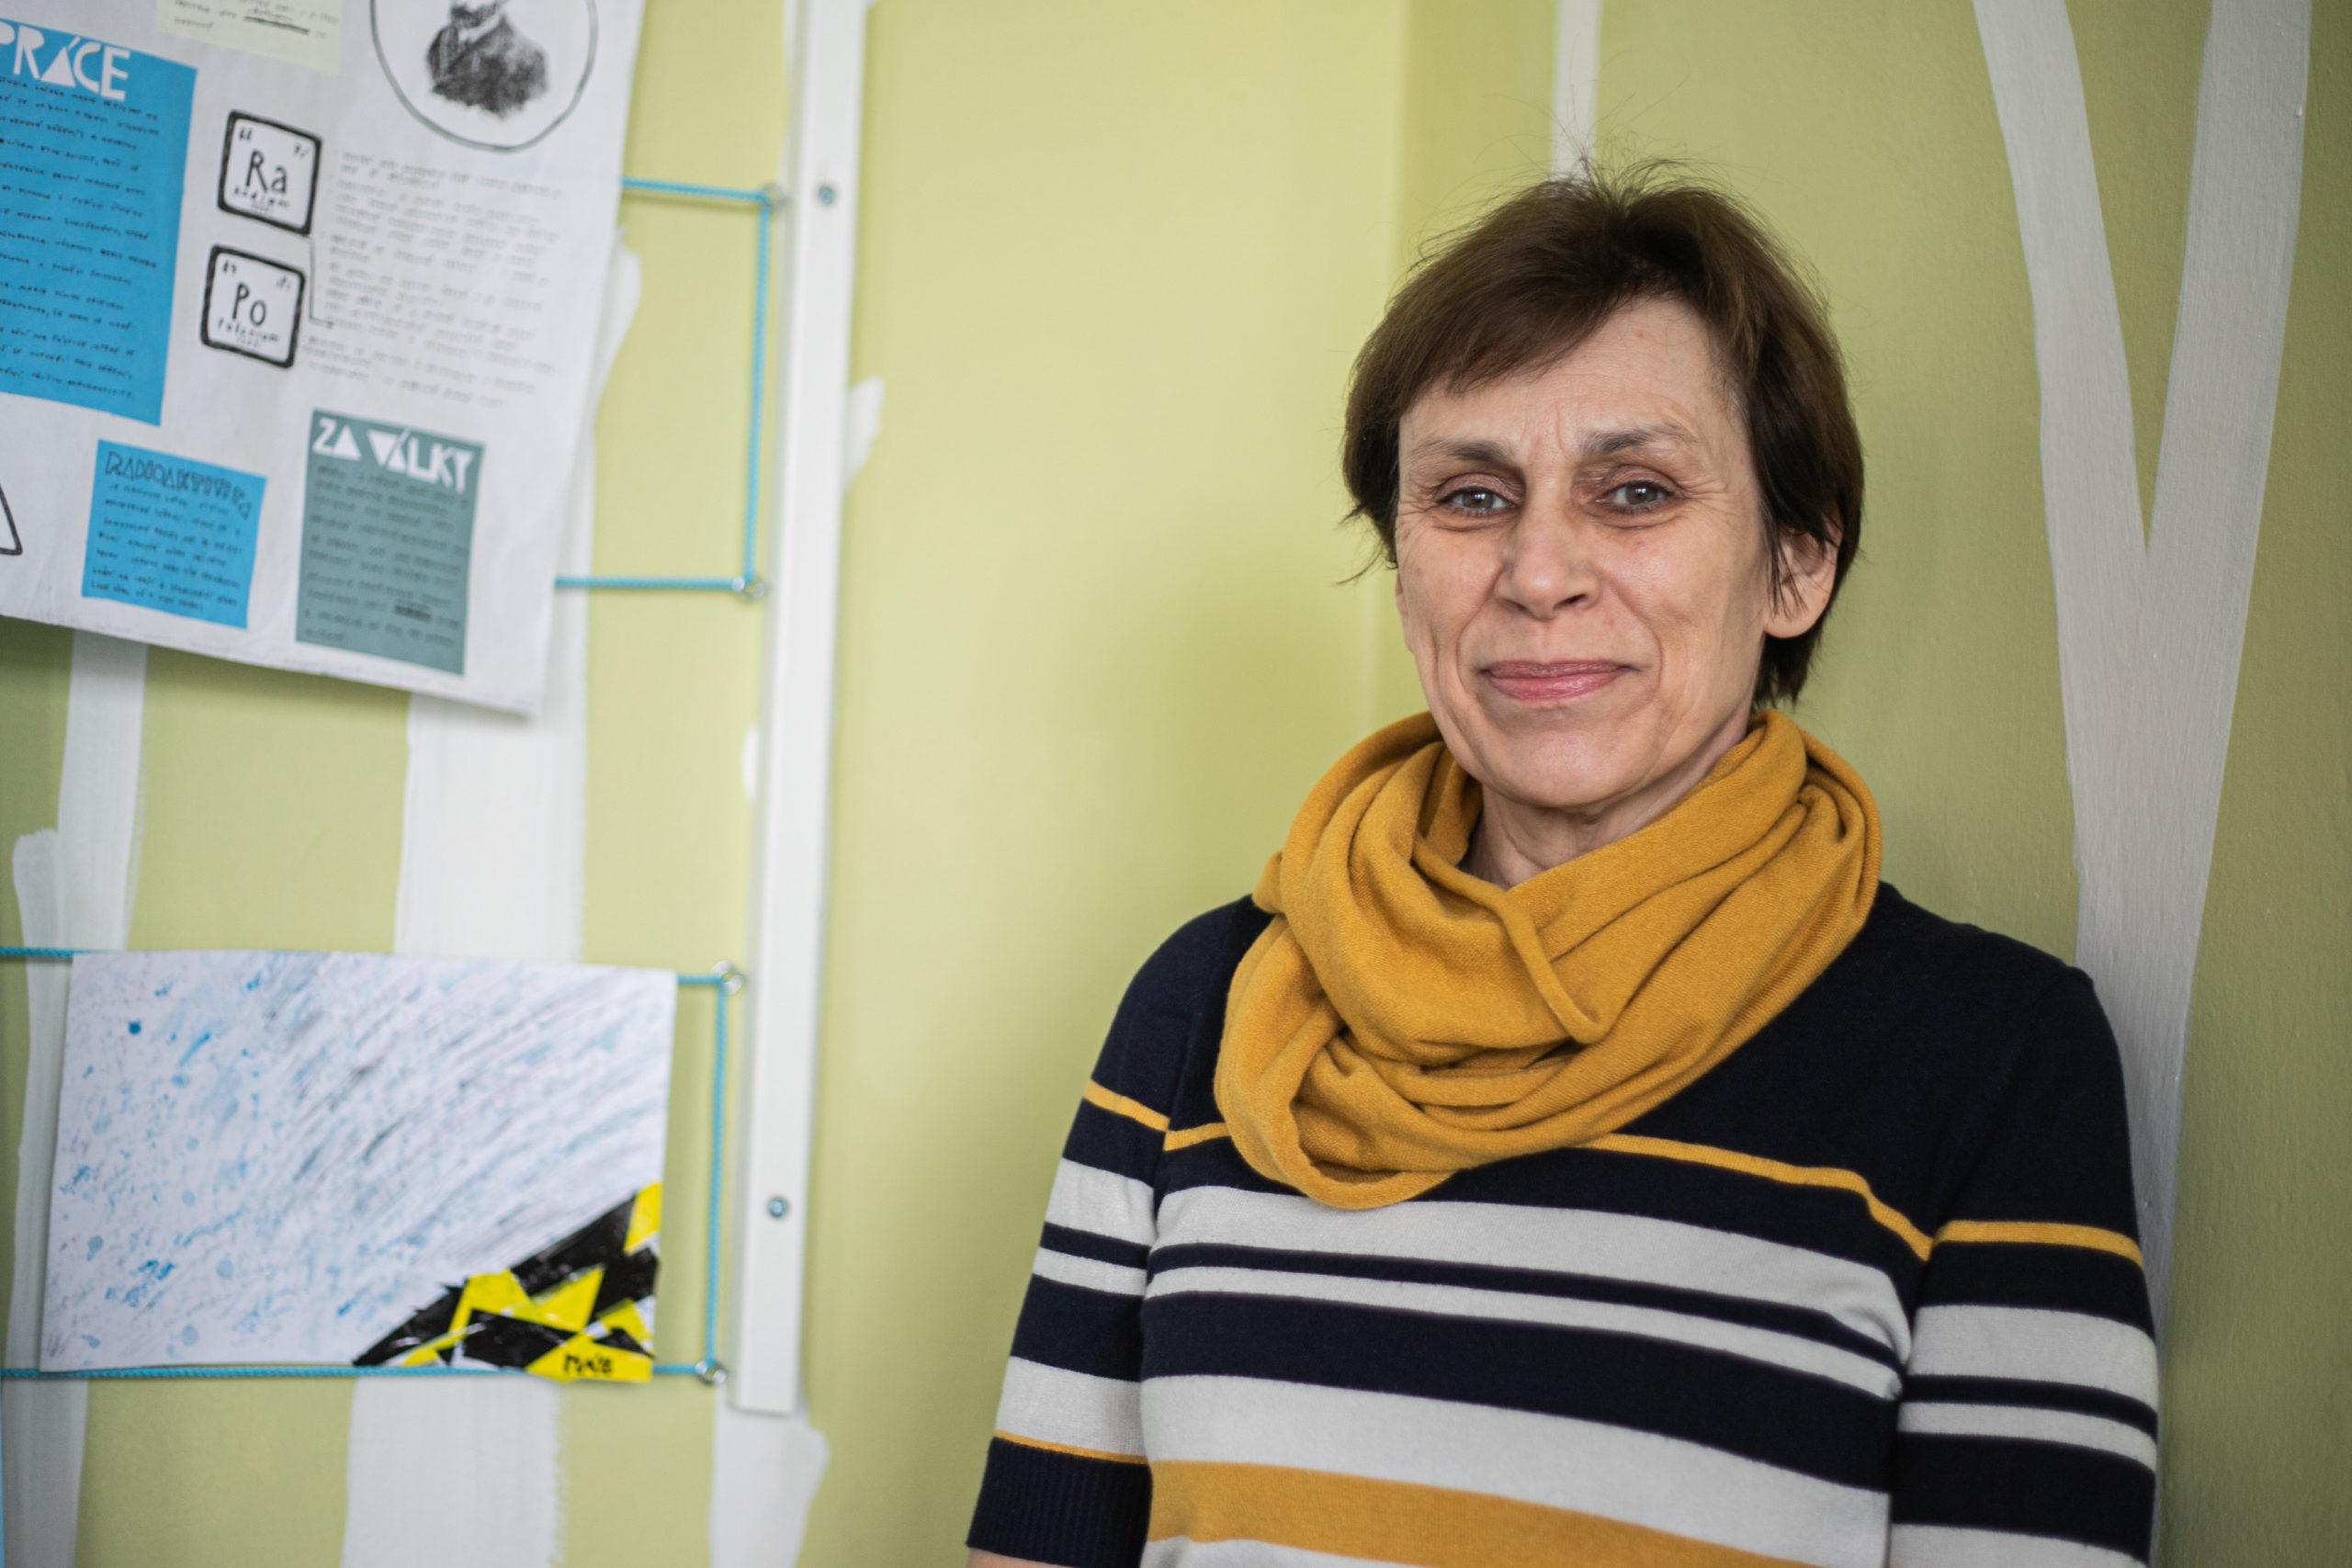 """""""Kdybychom měli dost času, zavedli bychom pohovory kromě ALT i na našem prvním školním vzdělávacím programu,"""" říká Jitka Kmentová."""